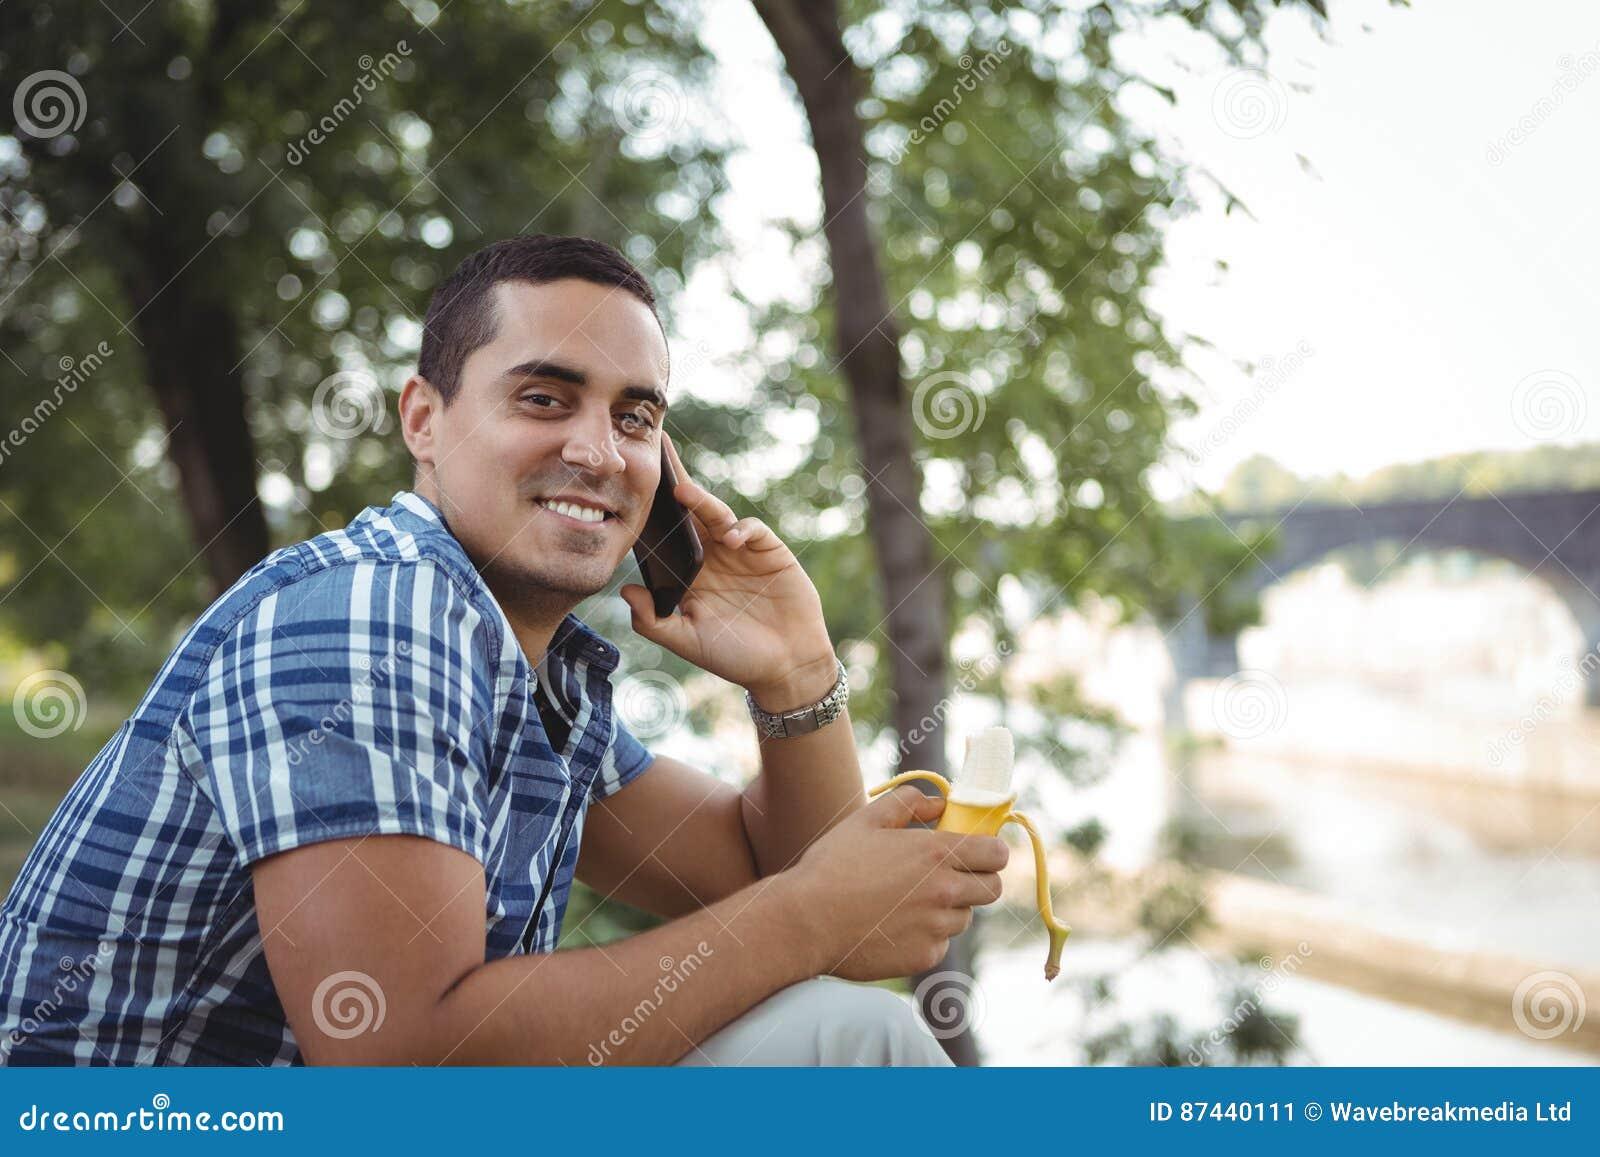 Portret van het uitvoerende spreken op mobiele telefoon terwijl het hebben van banaan